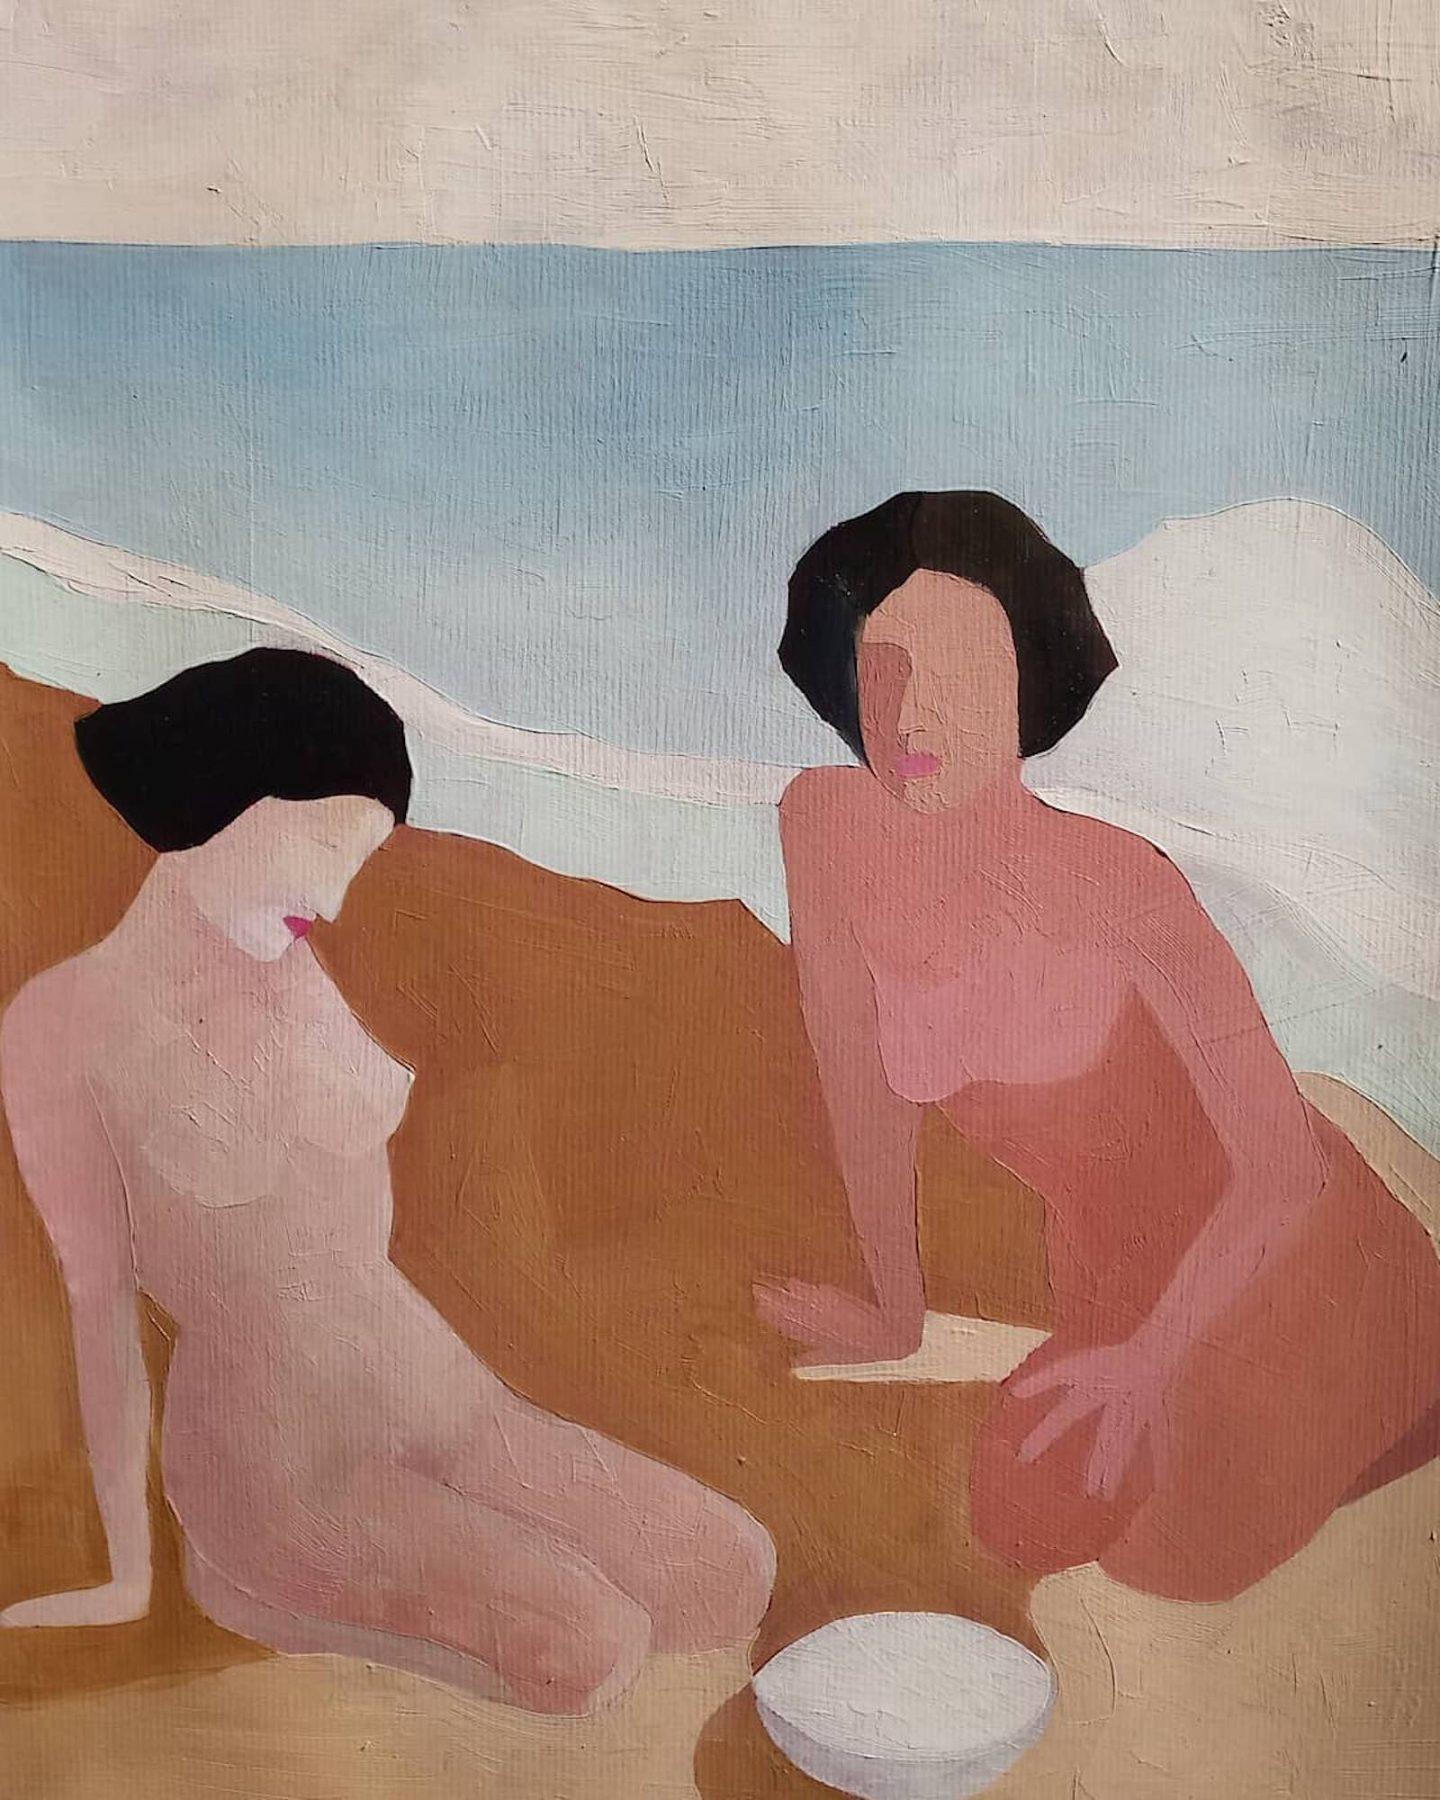 IGNANT-Art-Sasha-Podgurska-4